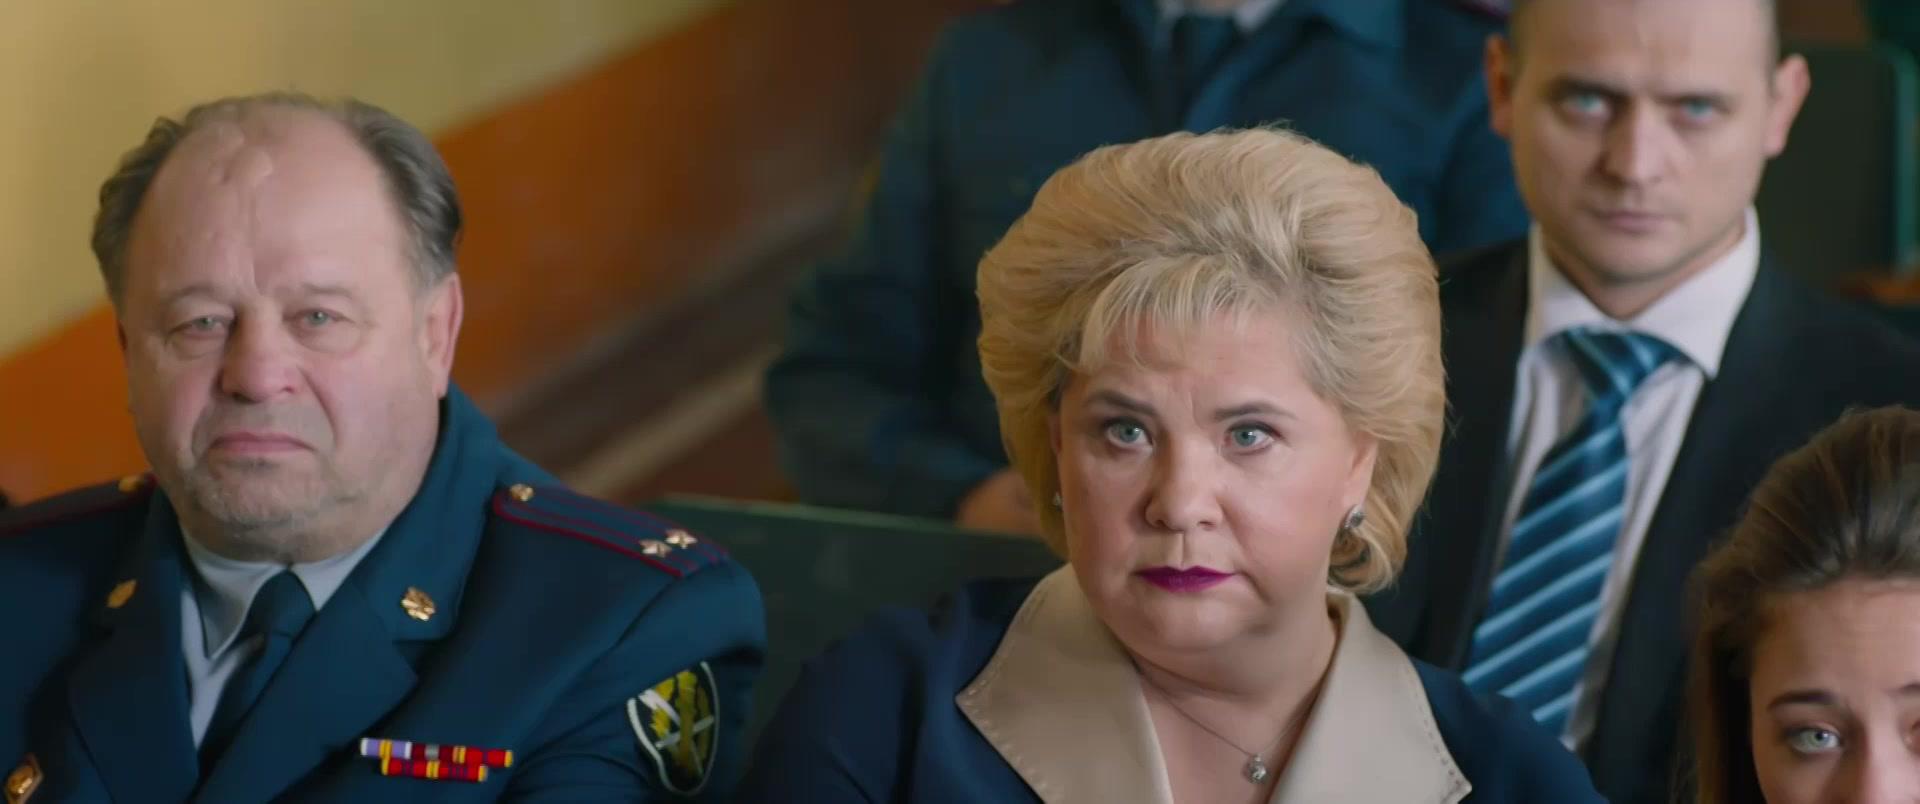 Русское порно где кончают в пизду - Онлайн ХХХ видео для самых искренних фанатов секса